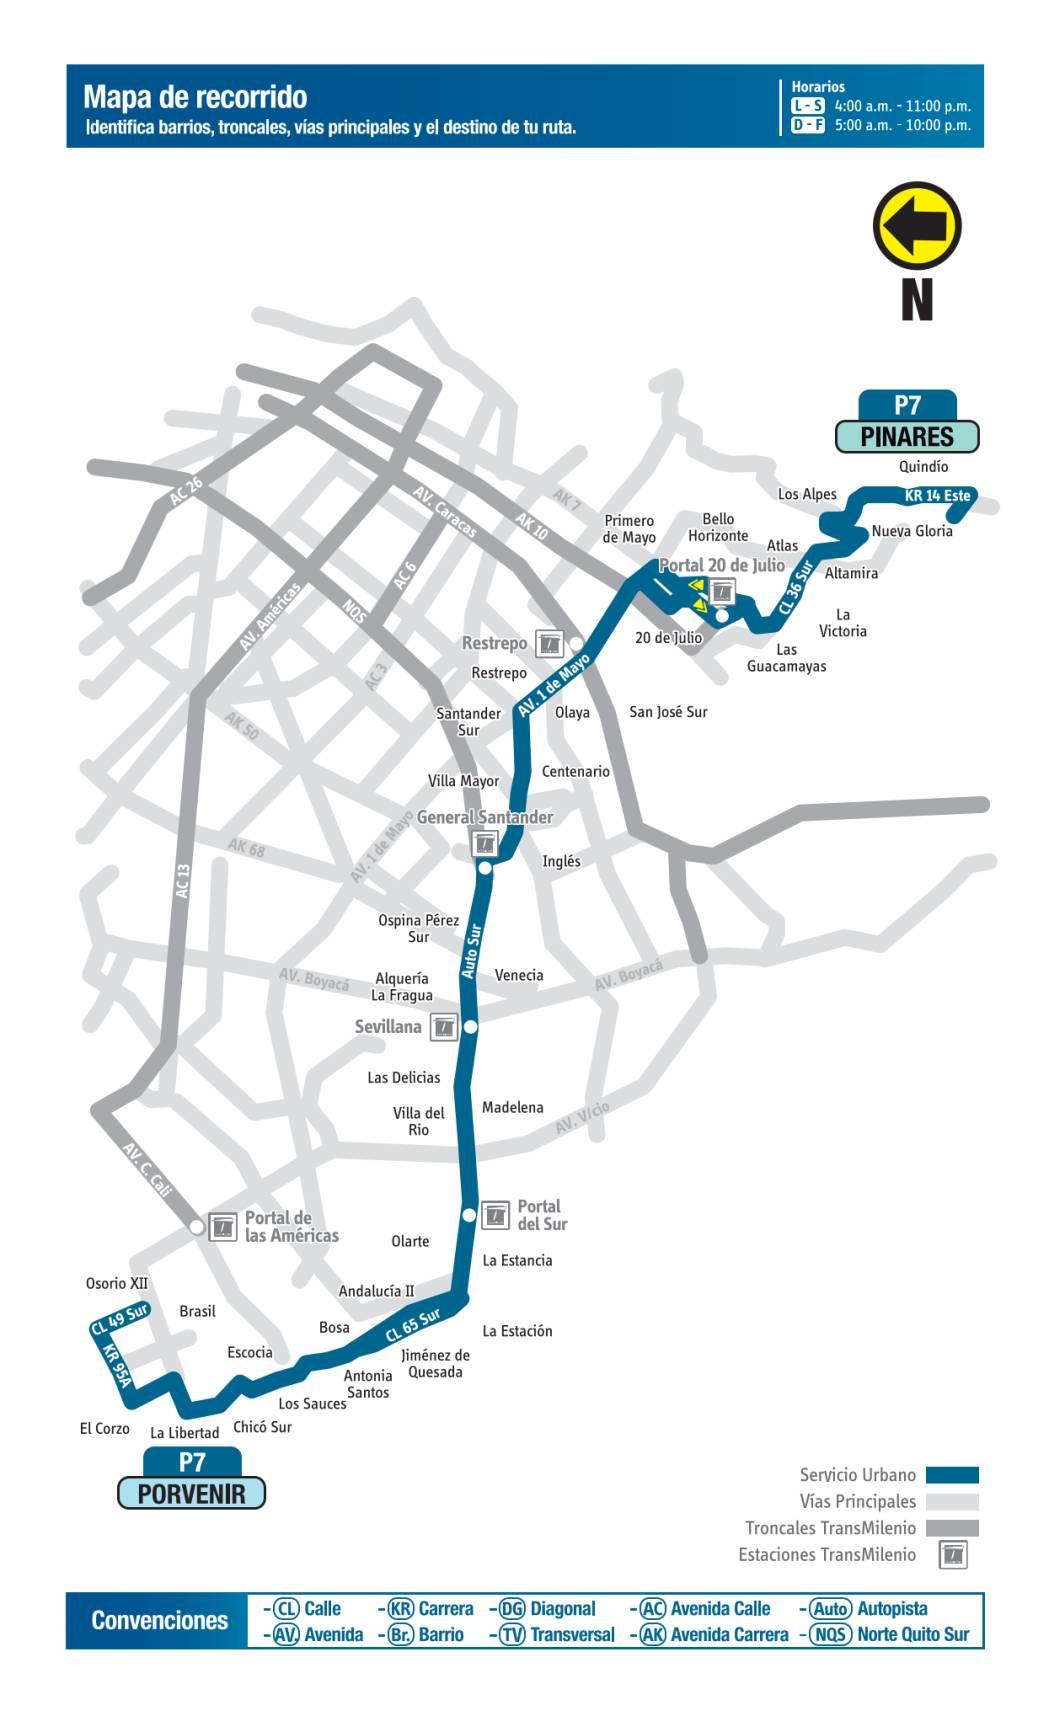 P7 Porvenir - Pinares, mapa bus urbano Bogotá